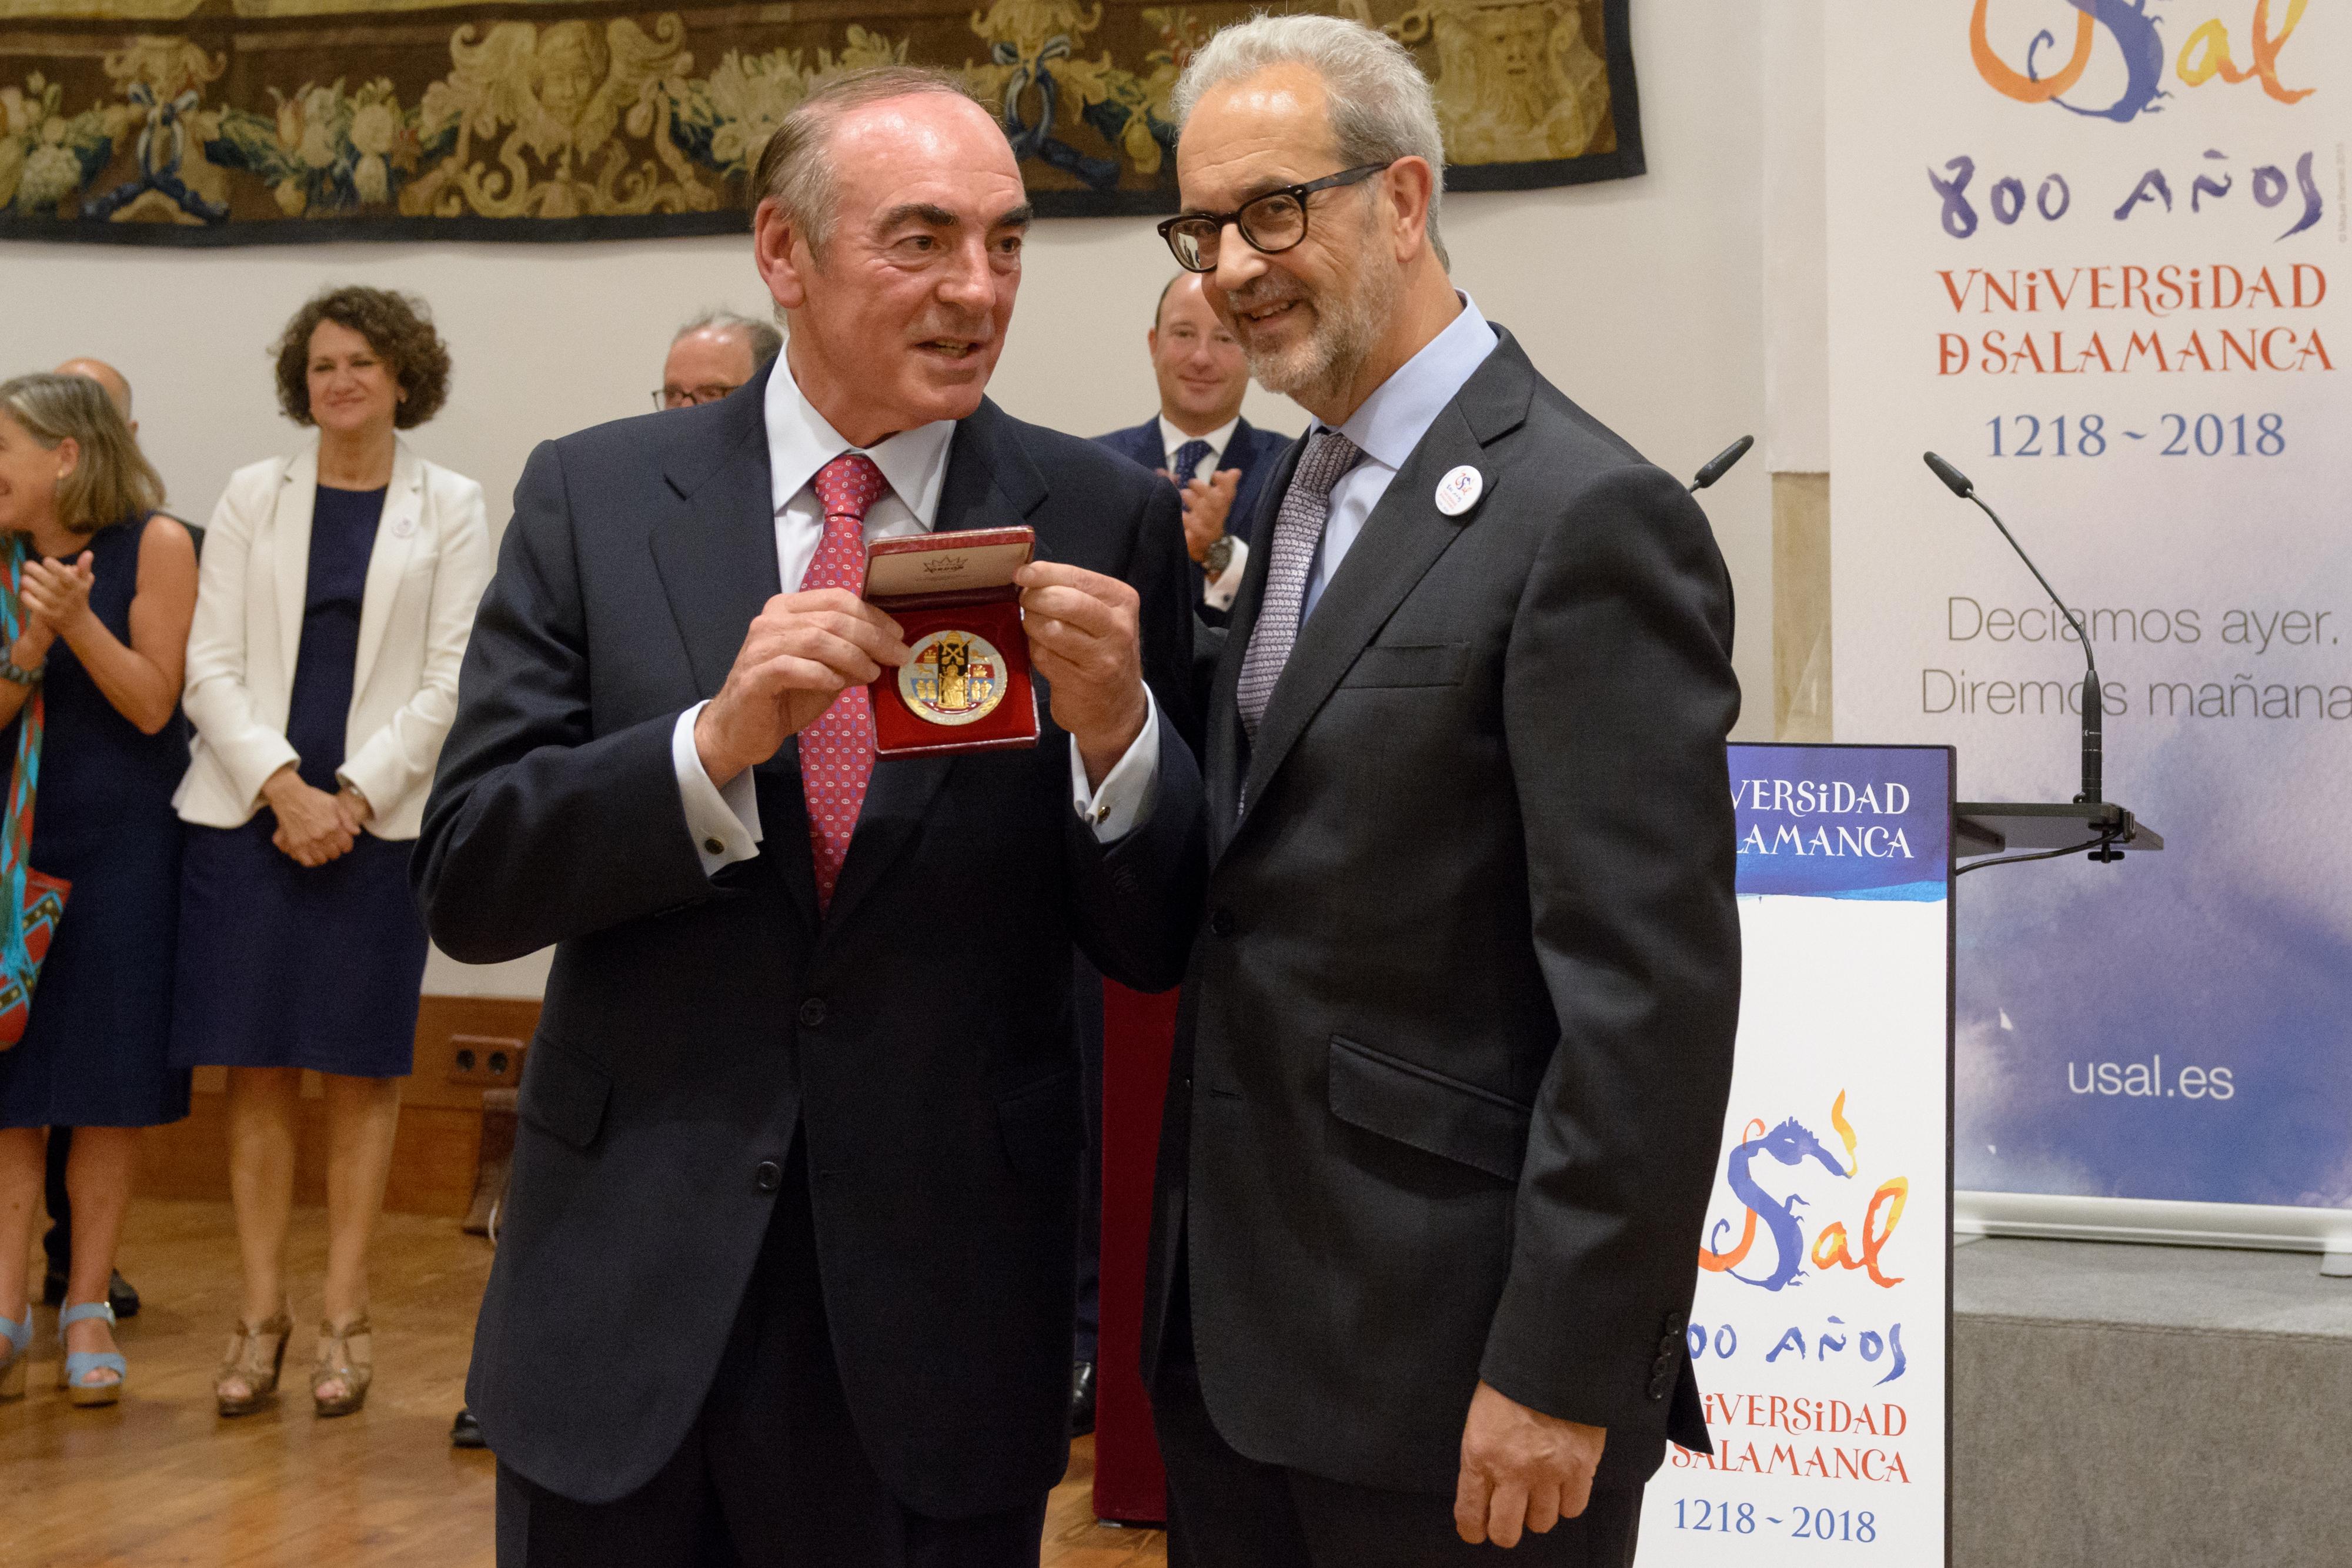 El rector hace entrega de la Medalla de la Universidad de Salamanca a José Antonio Villasante